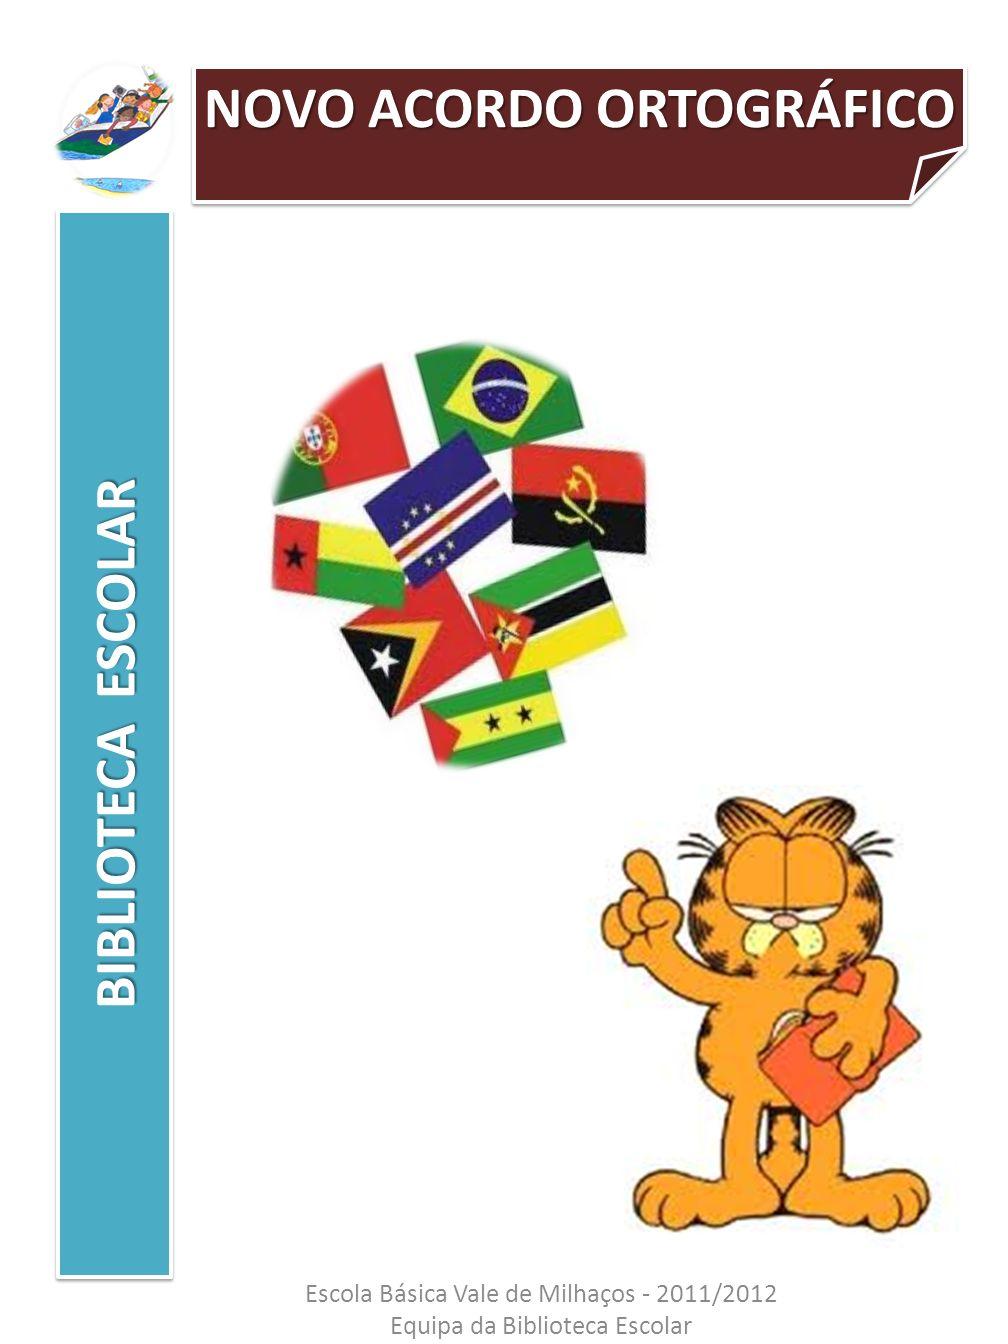 ALFABETOALFABETO NOVO ACORDO ORTOGRÁFICO Antes Antes, o alfabeto português era formado por 23 letras.